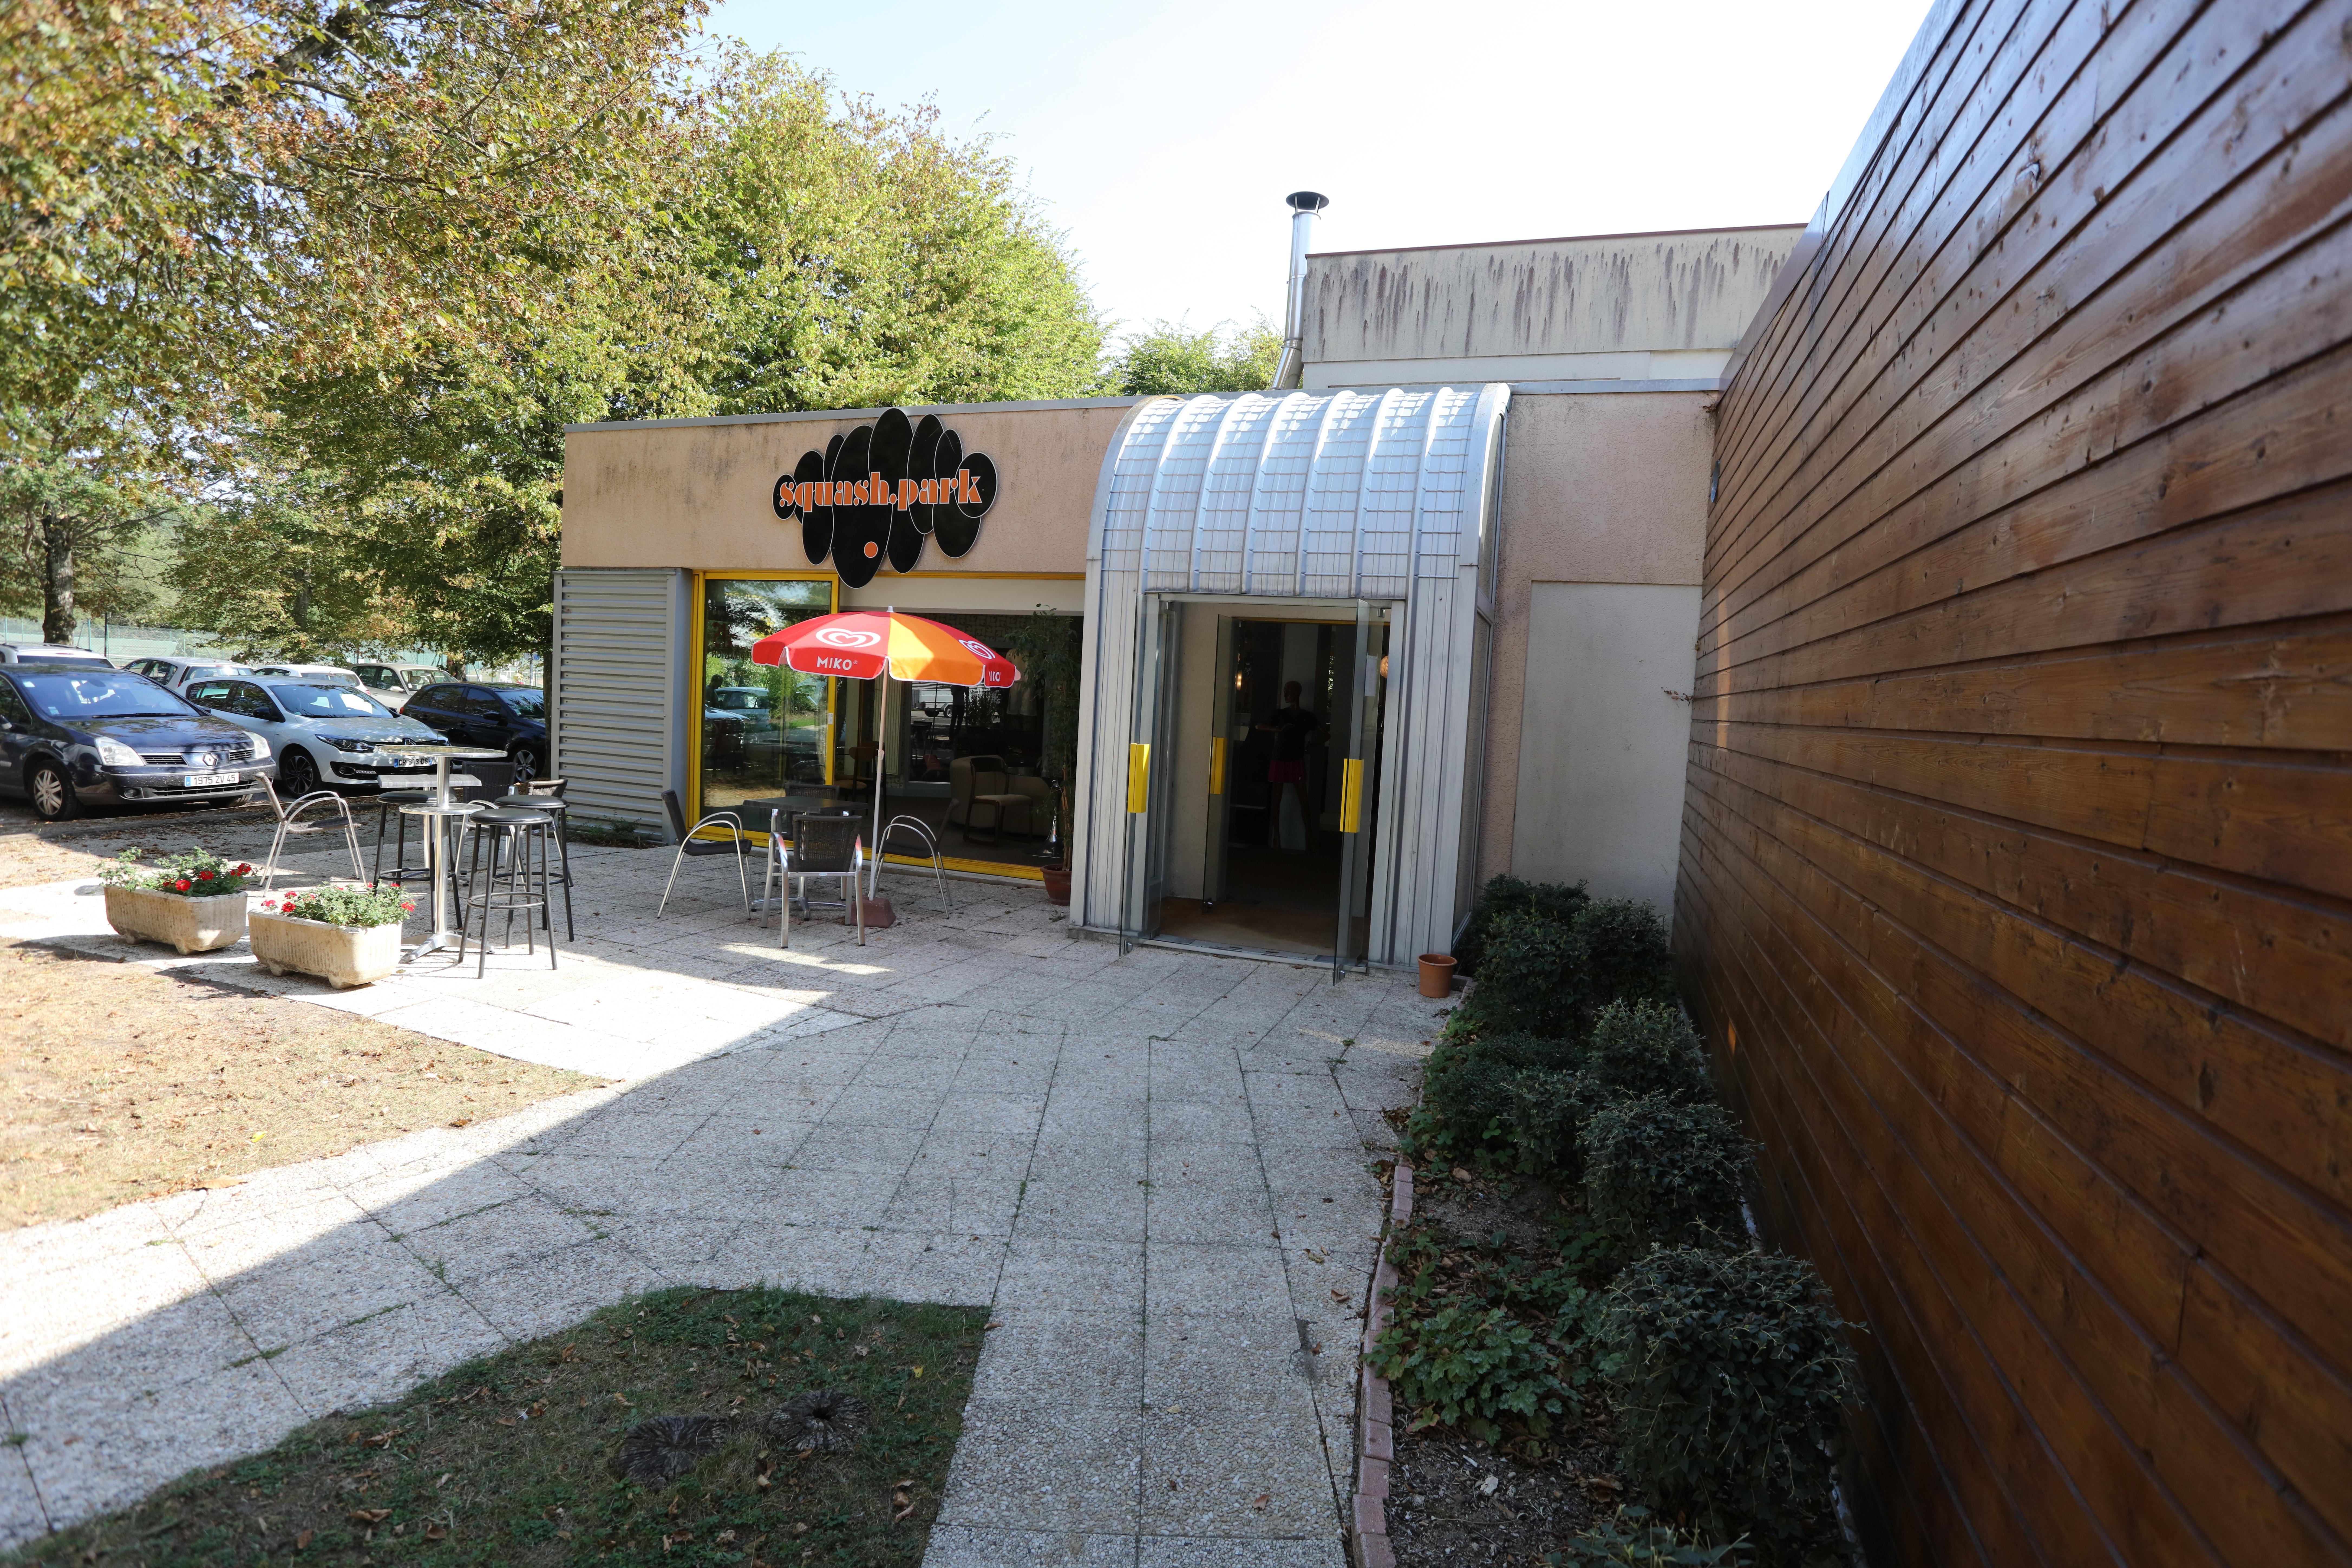 Entrée Squash Park